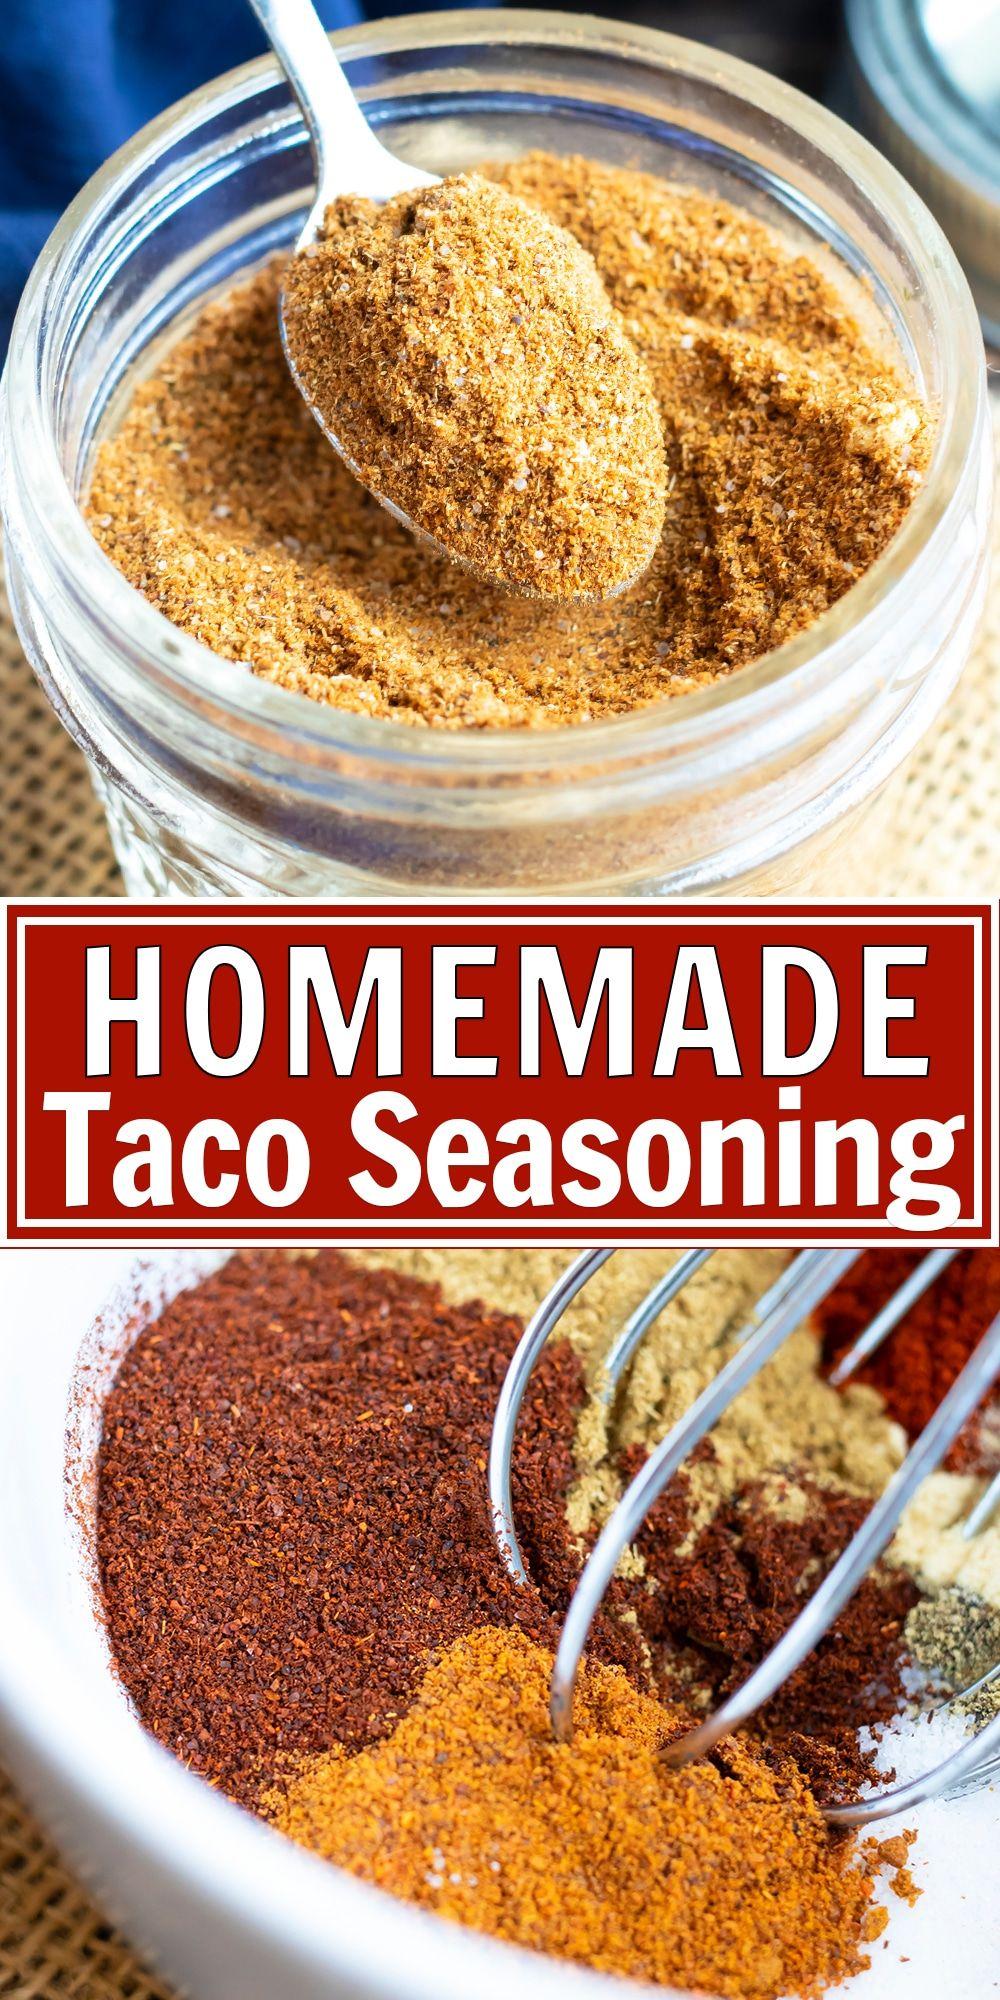 Homemade Taco Seasoning Recipe Taco seasoning, Whole30